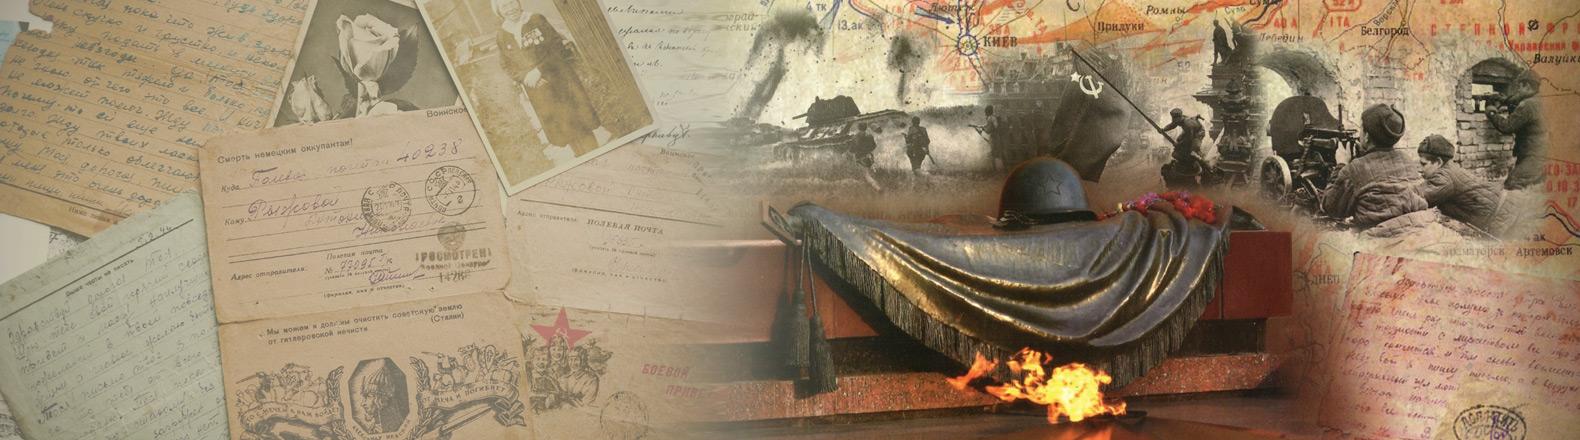 Поиск участников Великой Отечественной войны (1941-1945 годы)